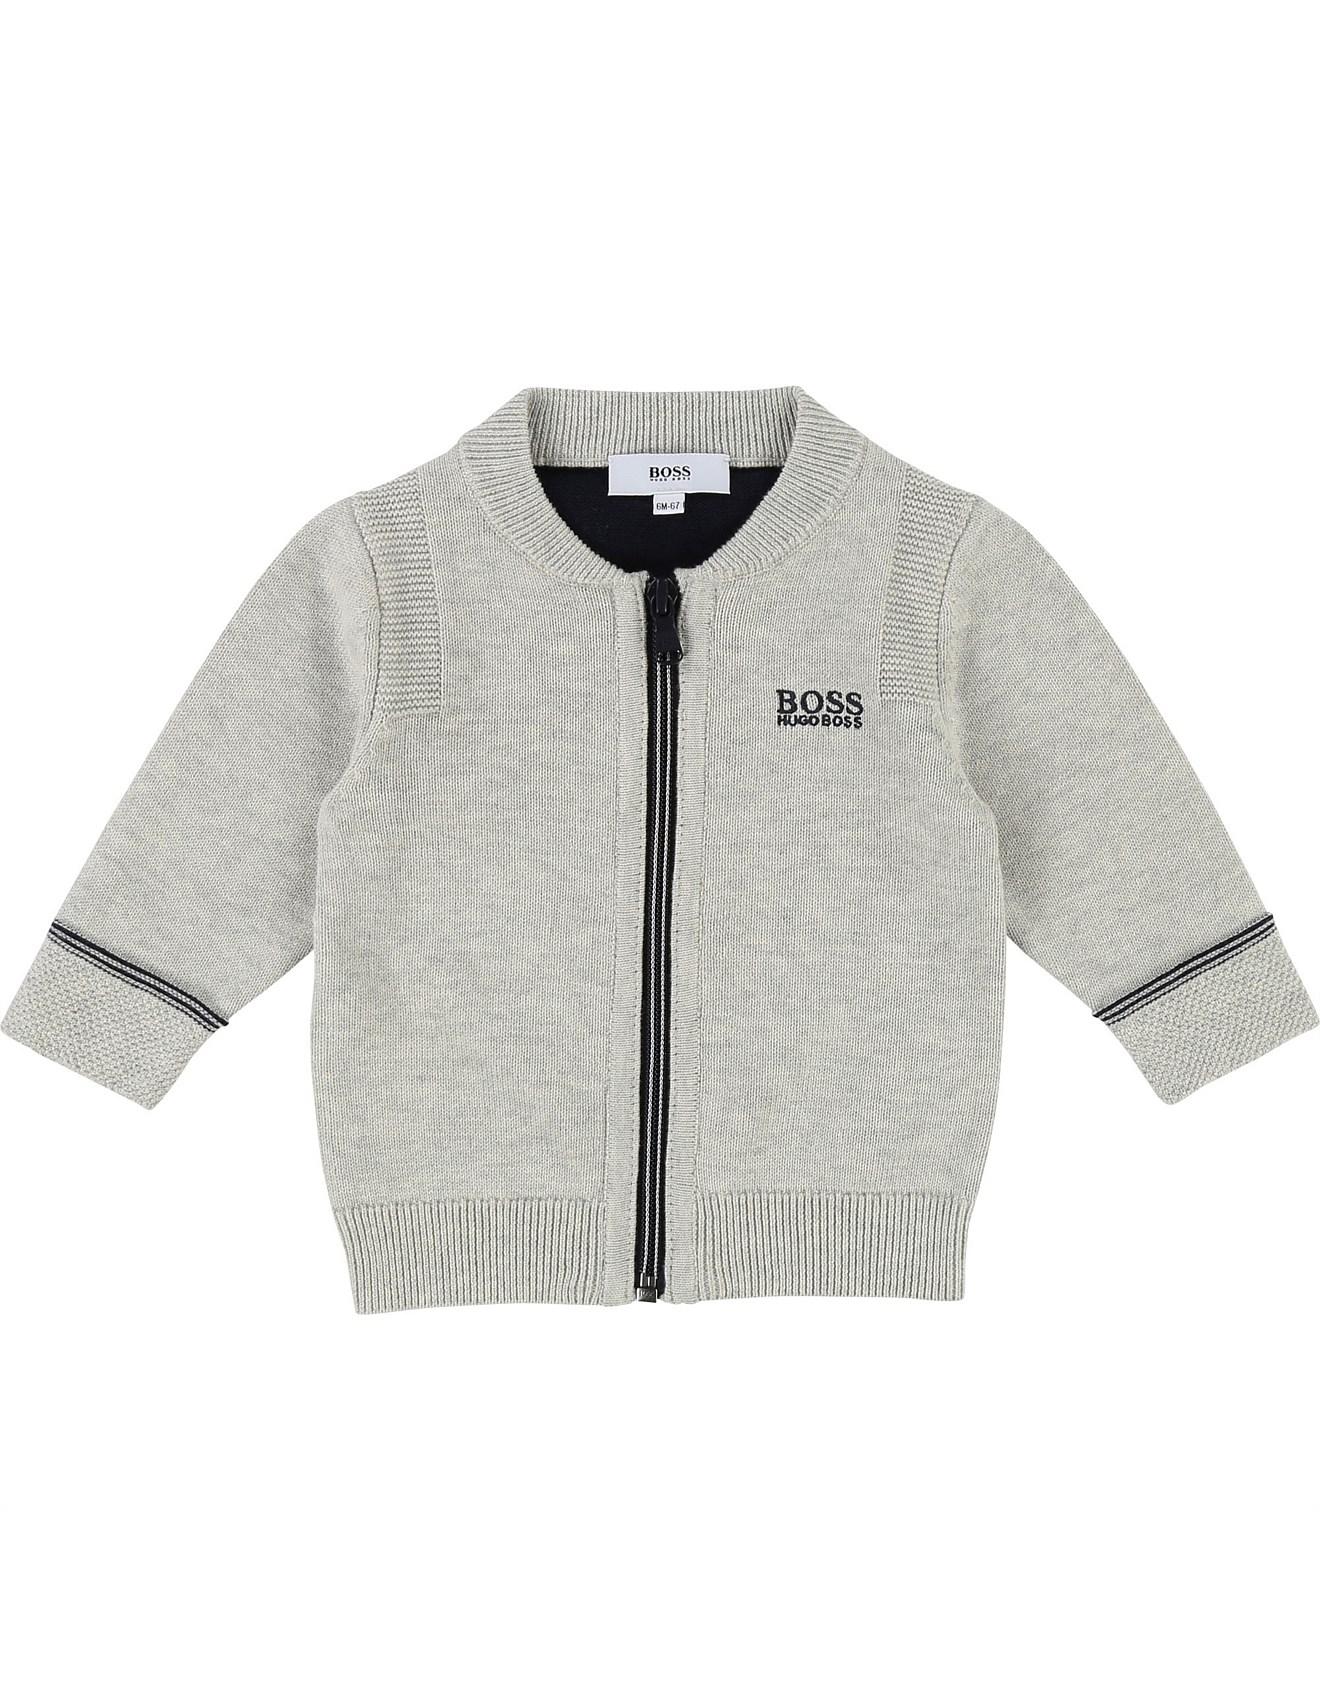 19edd722f0b3 Baby Clothing